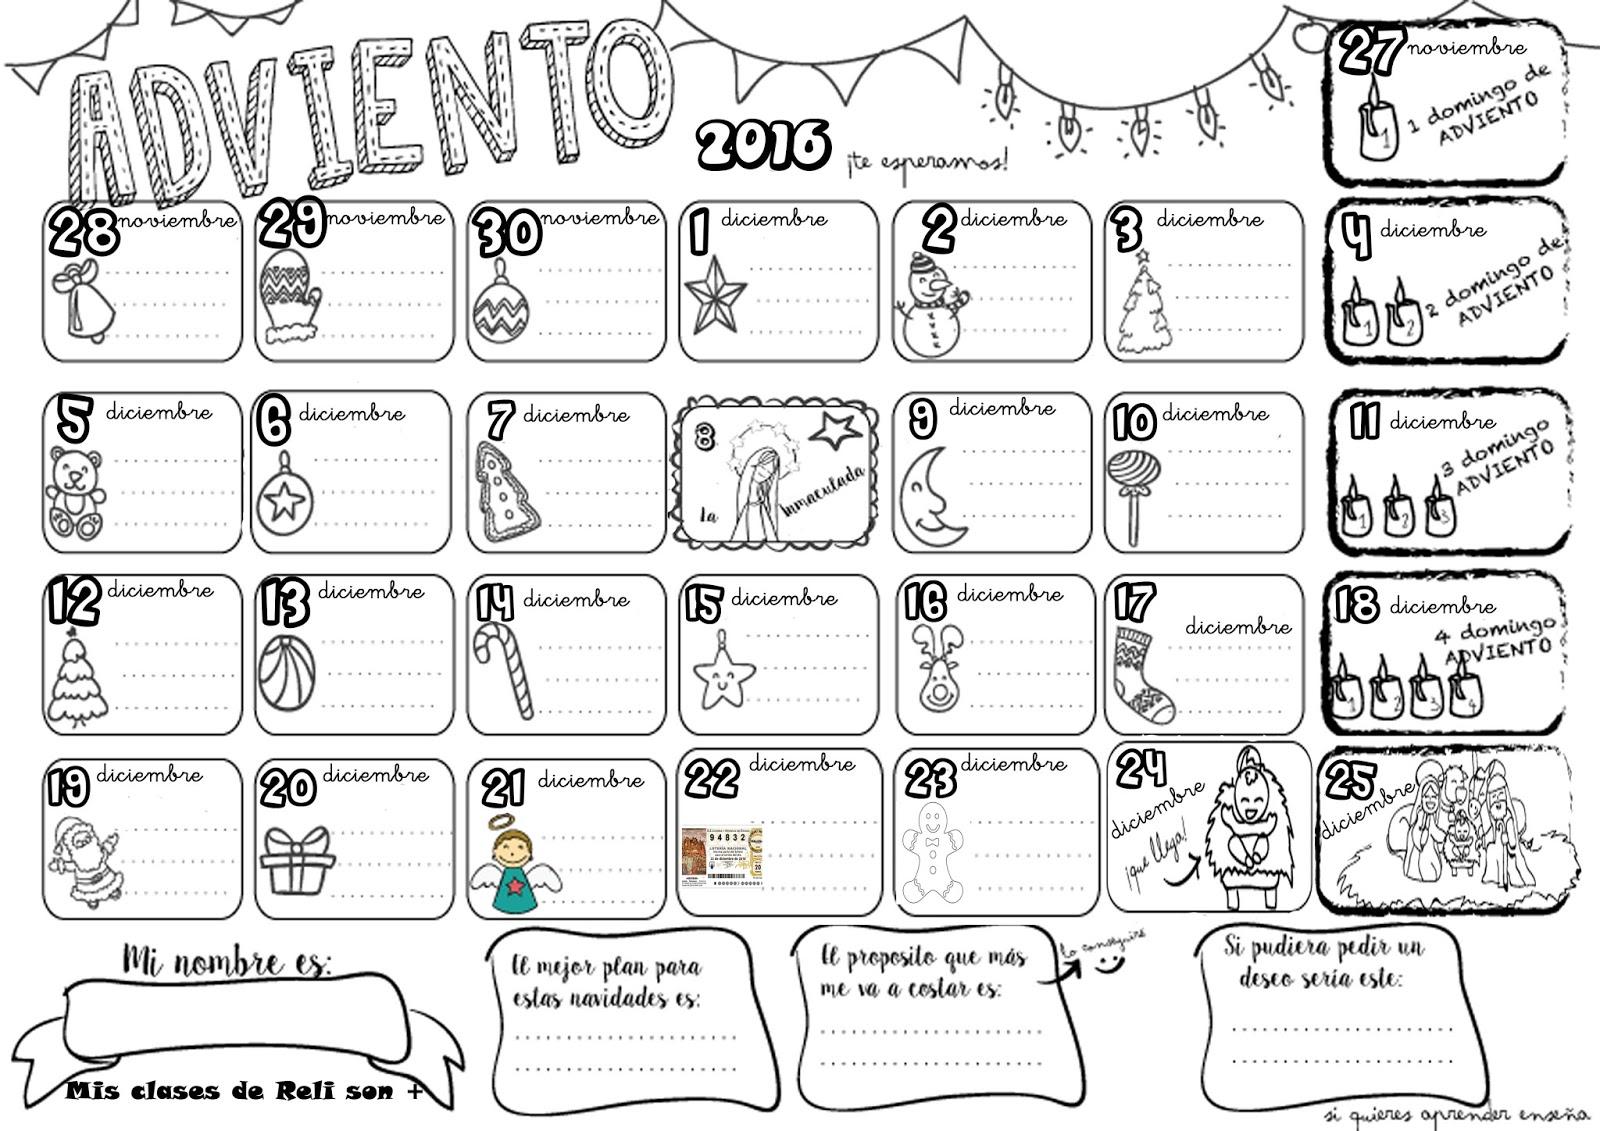 Mis clases de reli son calendario de adviento 2016 for Calendario adviento 2017